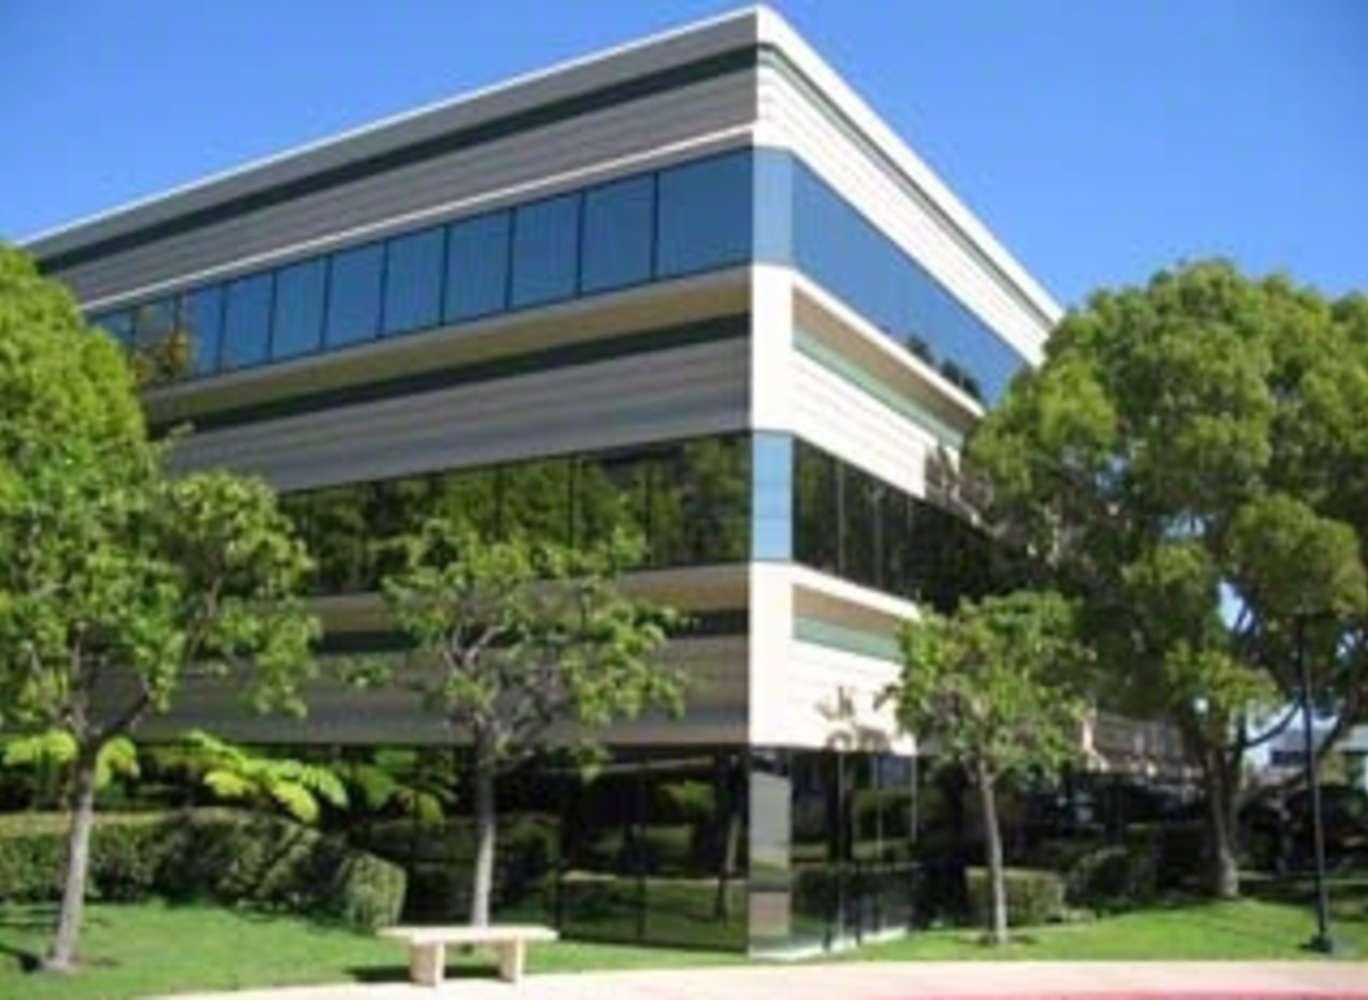 Office San diego, 92111 - Bldg 1